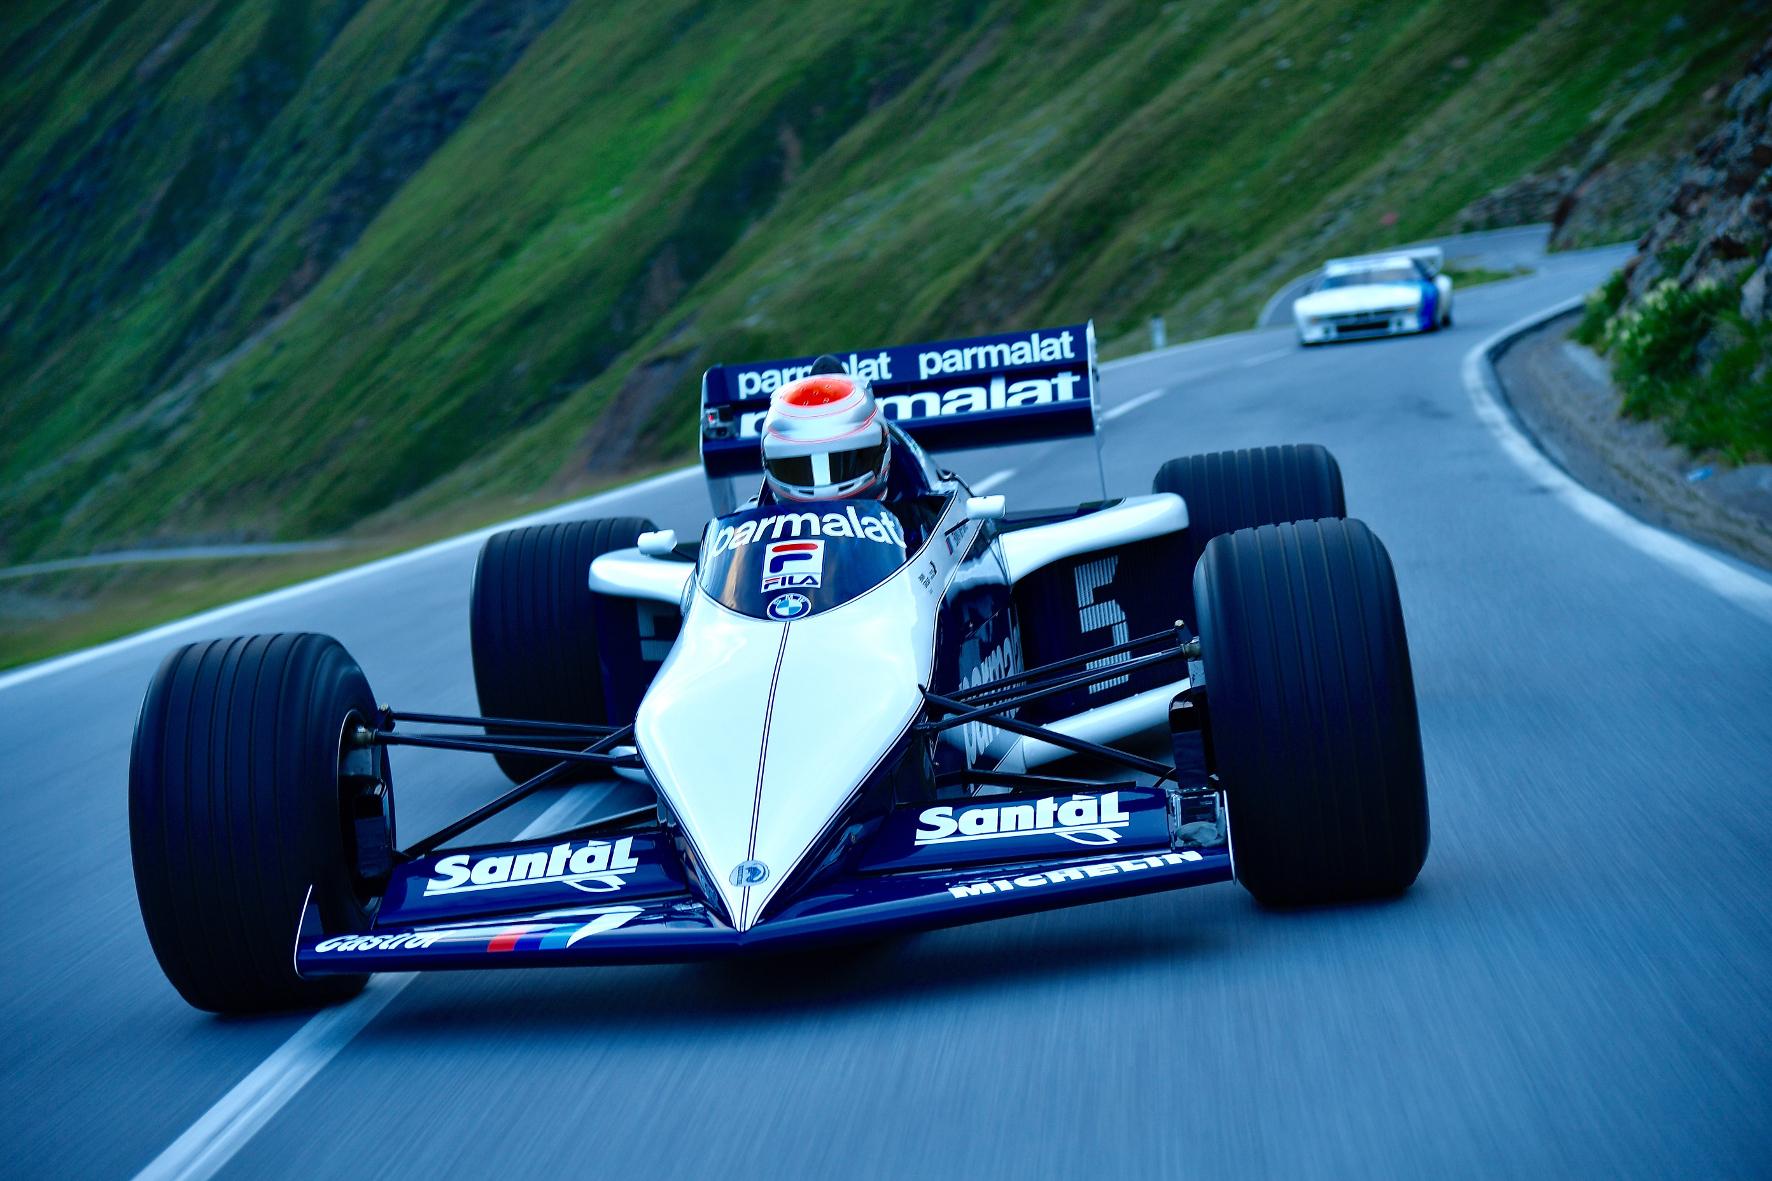 mid Timmelsjoch - Bei Morgendämmerung lenkt Nelson Piquet Jr den 1.000 PS starken Formel 1-Weltmeisterwagen seines Vaters von 1983 über den Alpenpass.